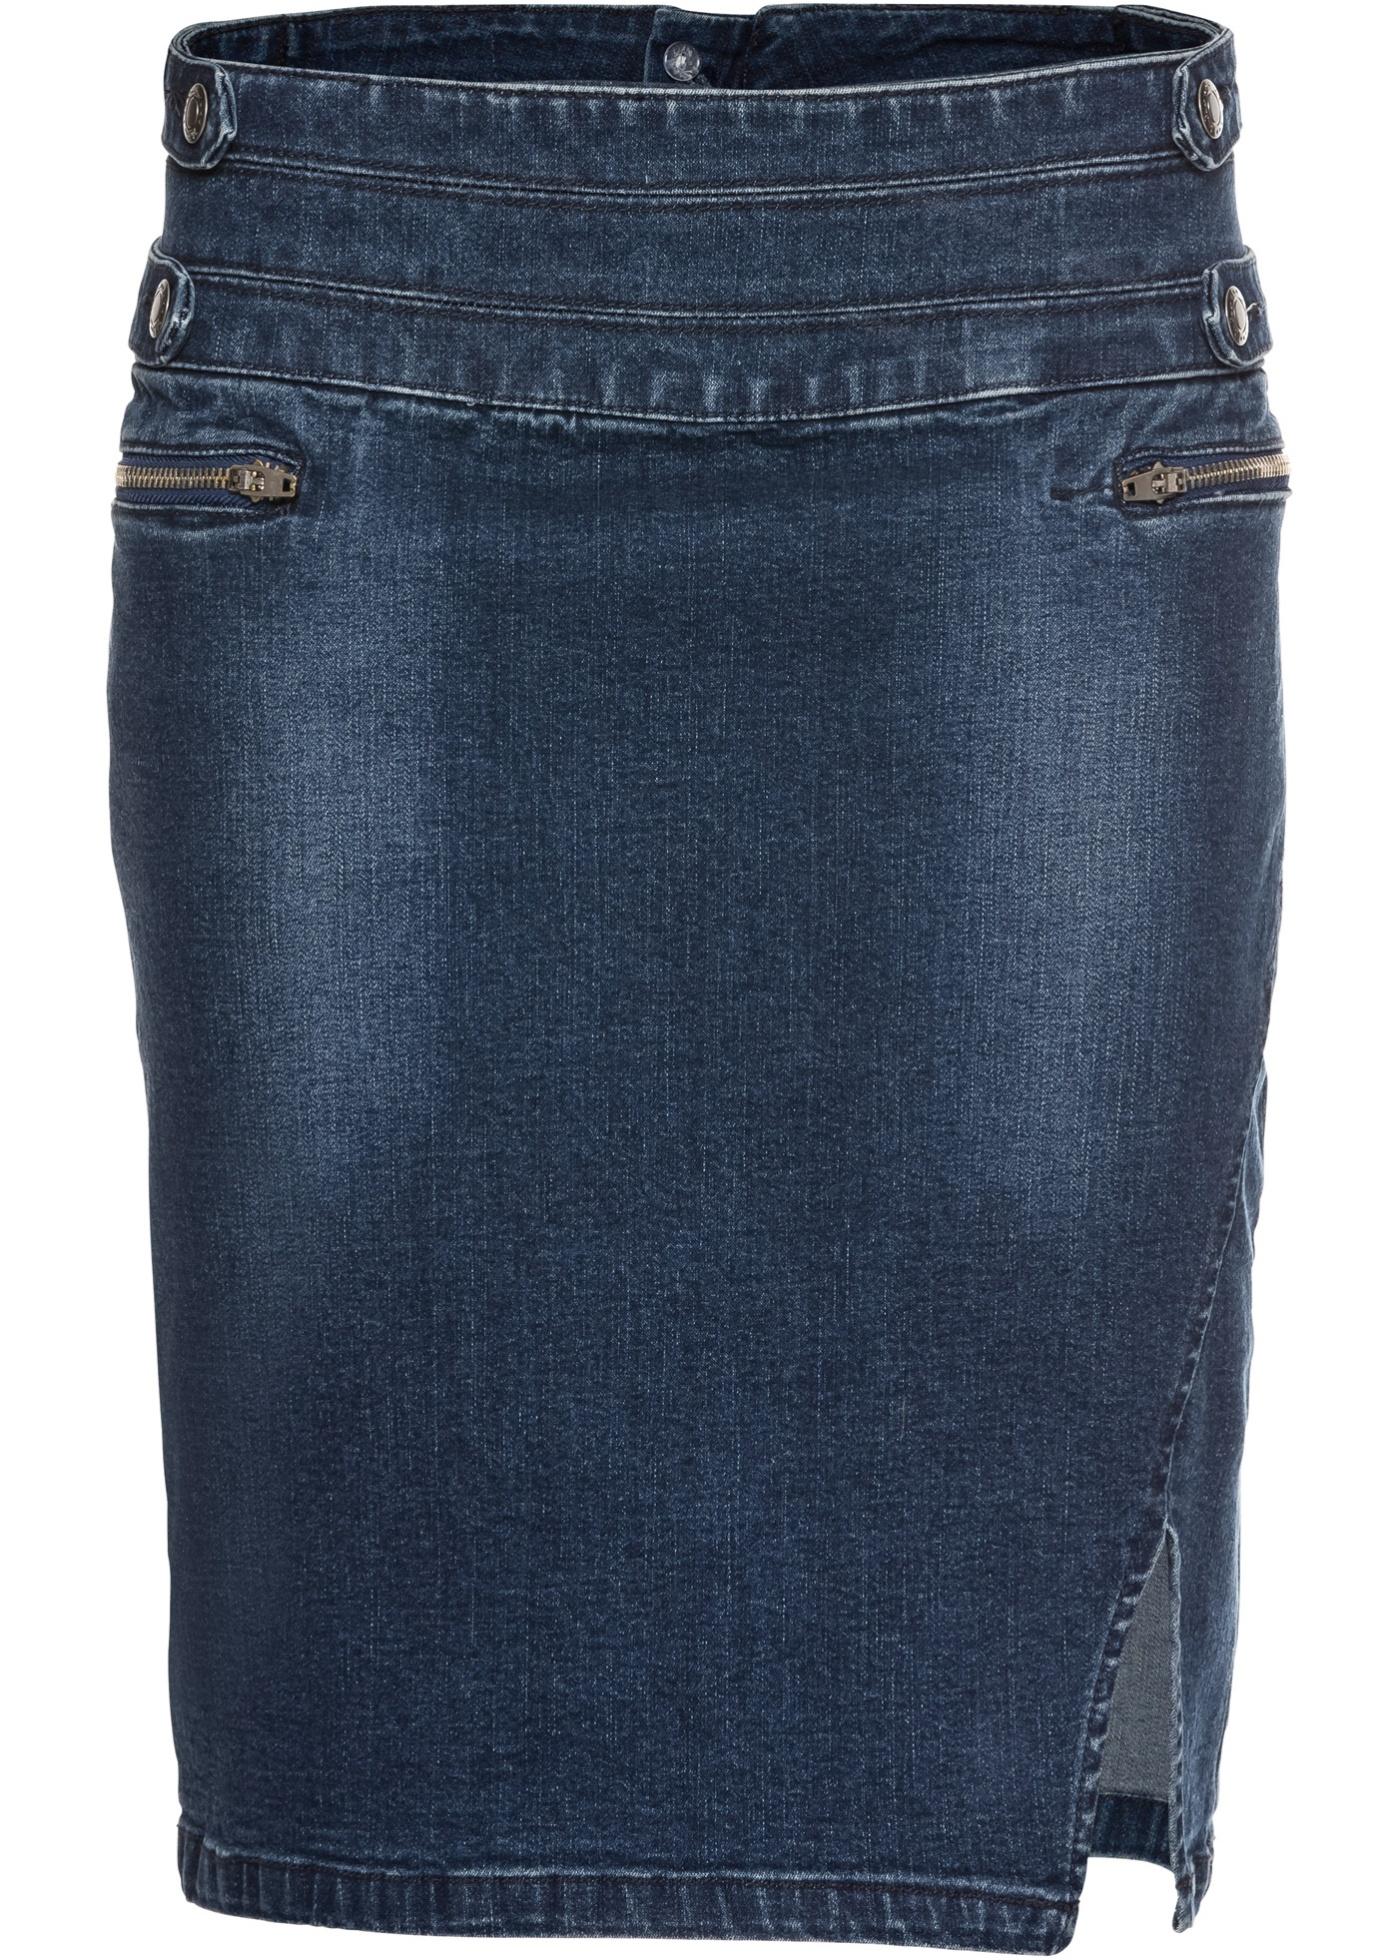 En Bleu Baner Jean Pour Femme Jeanswear Extensible BonprixJupe John fYgvb7I6y